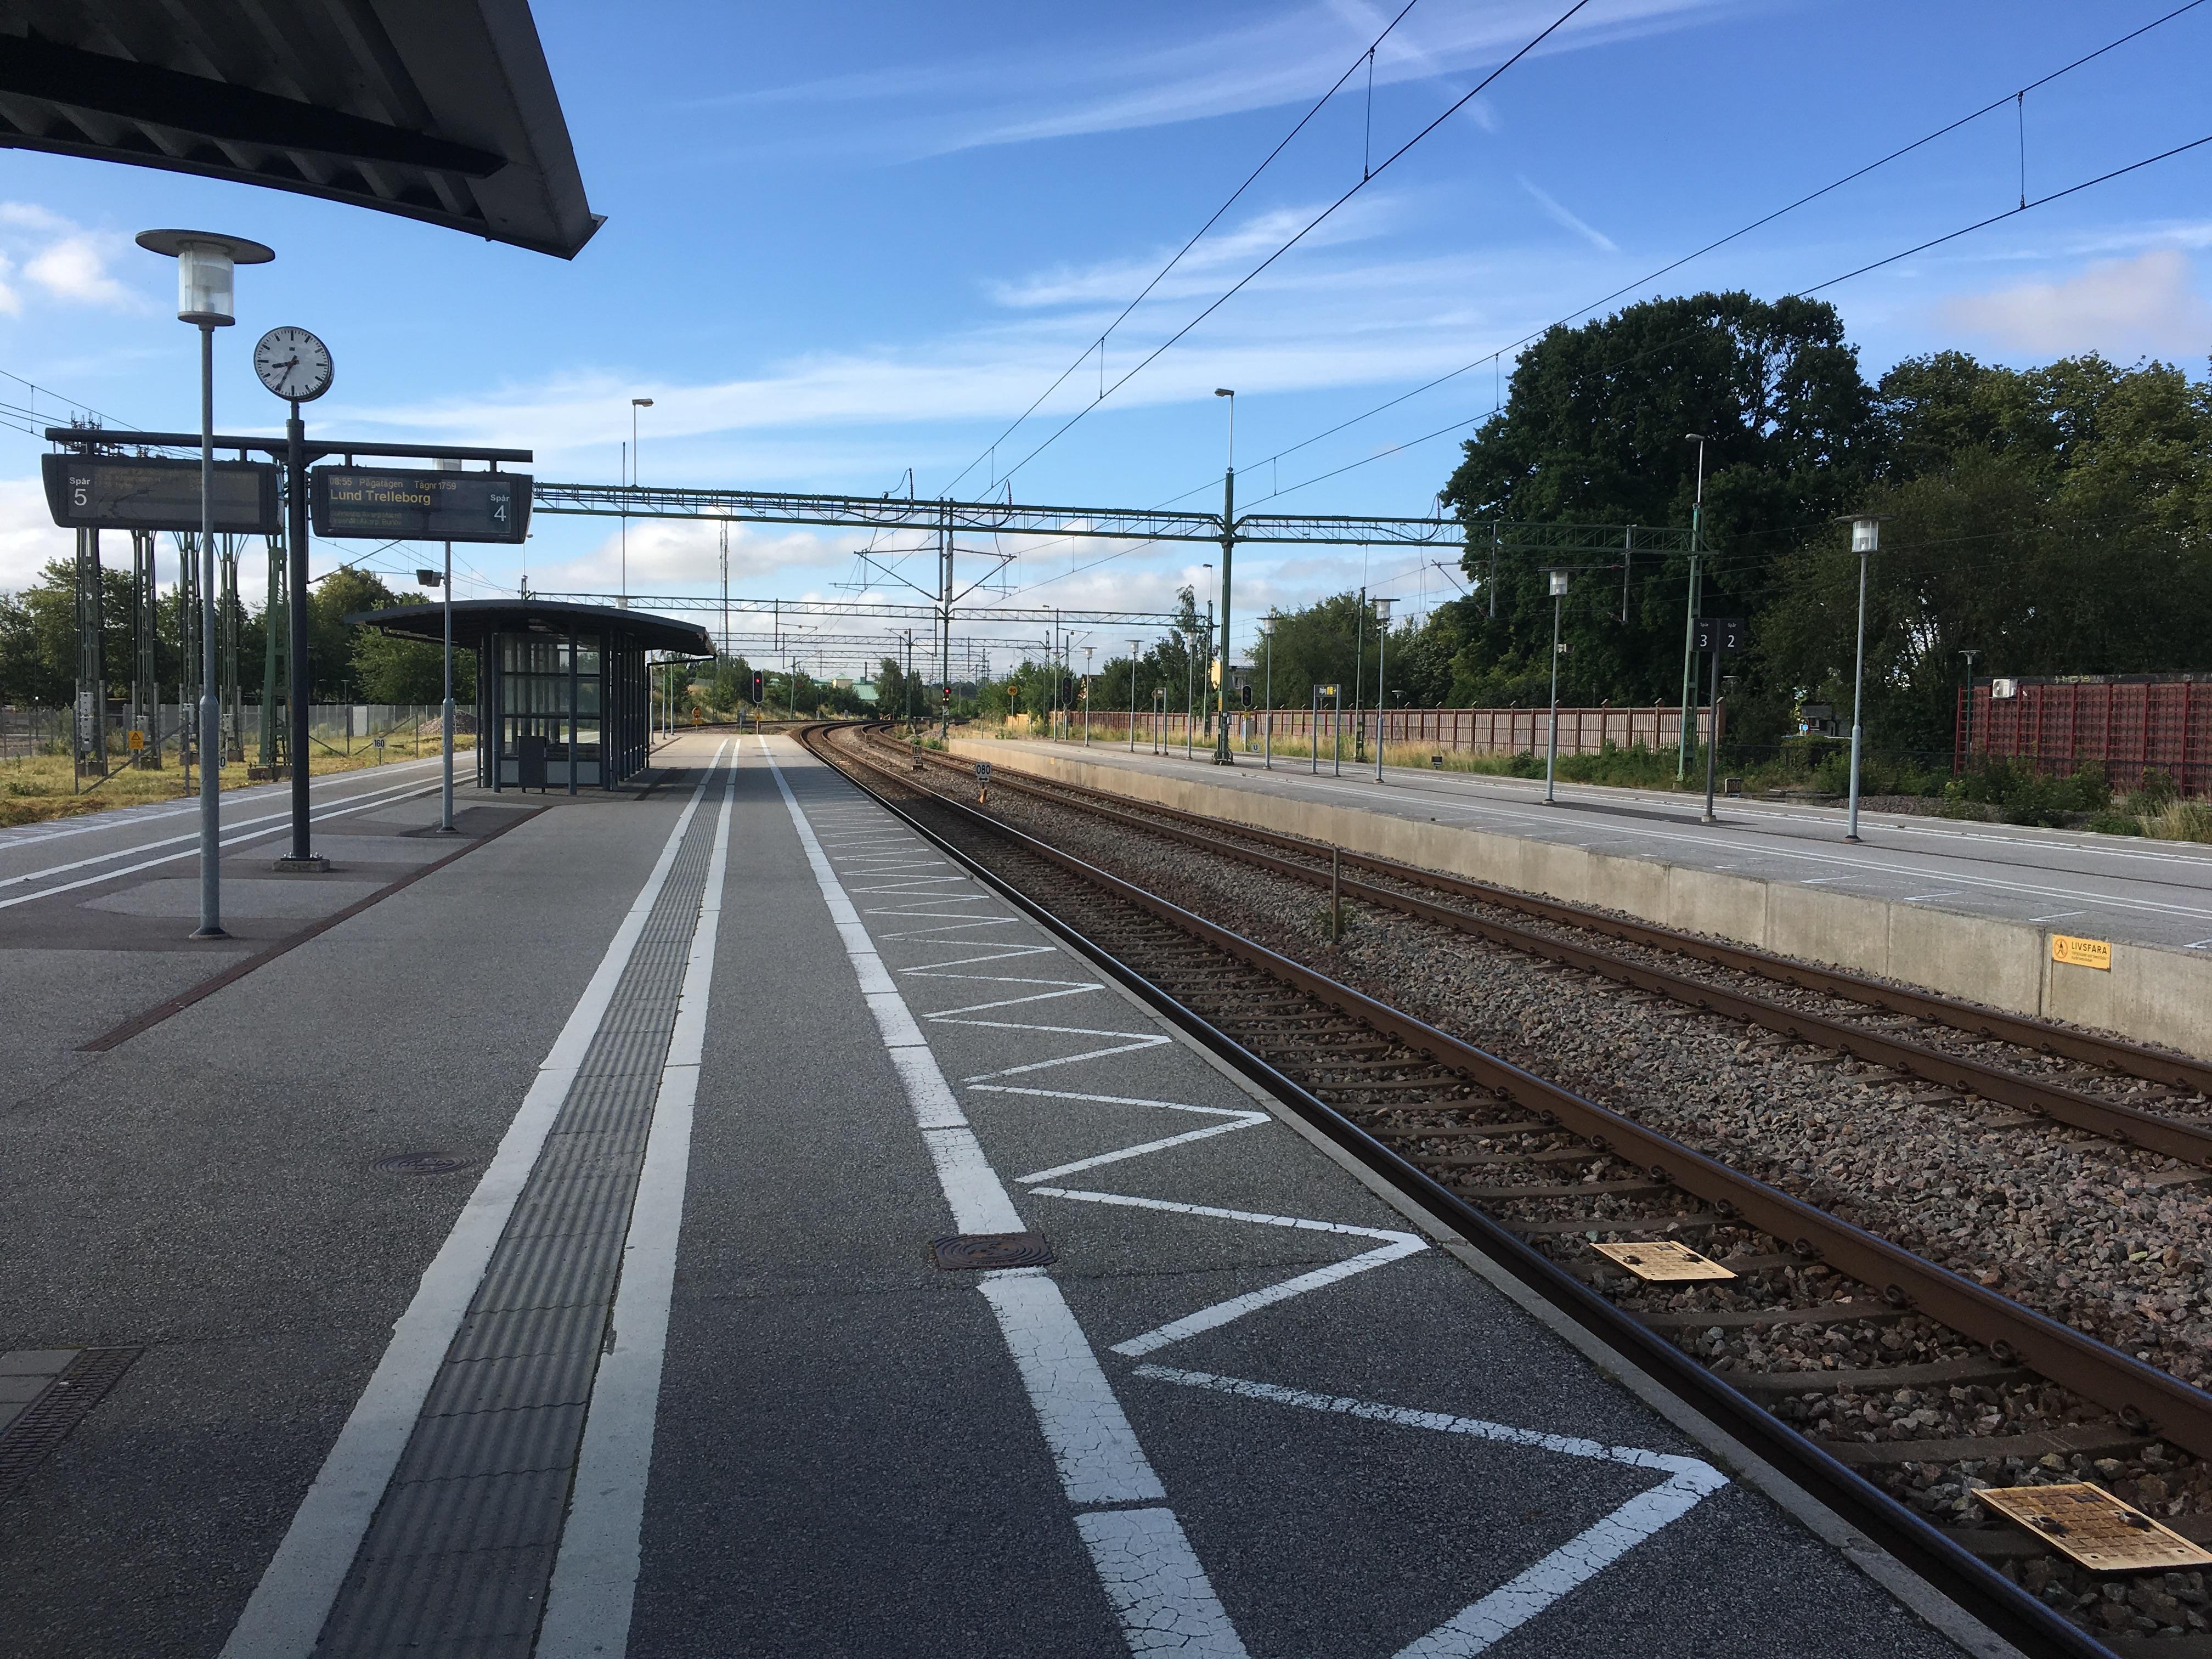 Tåg mot Lund, Malmö, Köpenhamn, Helsingborg, Halmstad, Göteborg